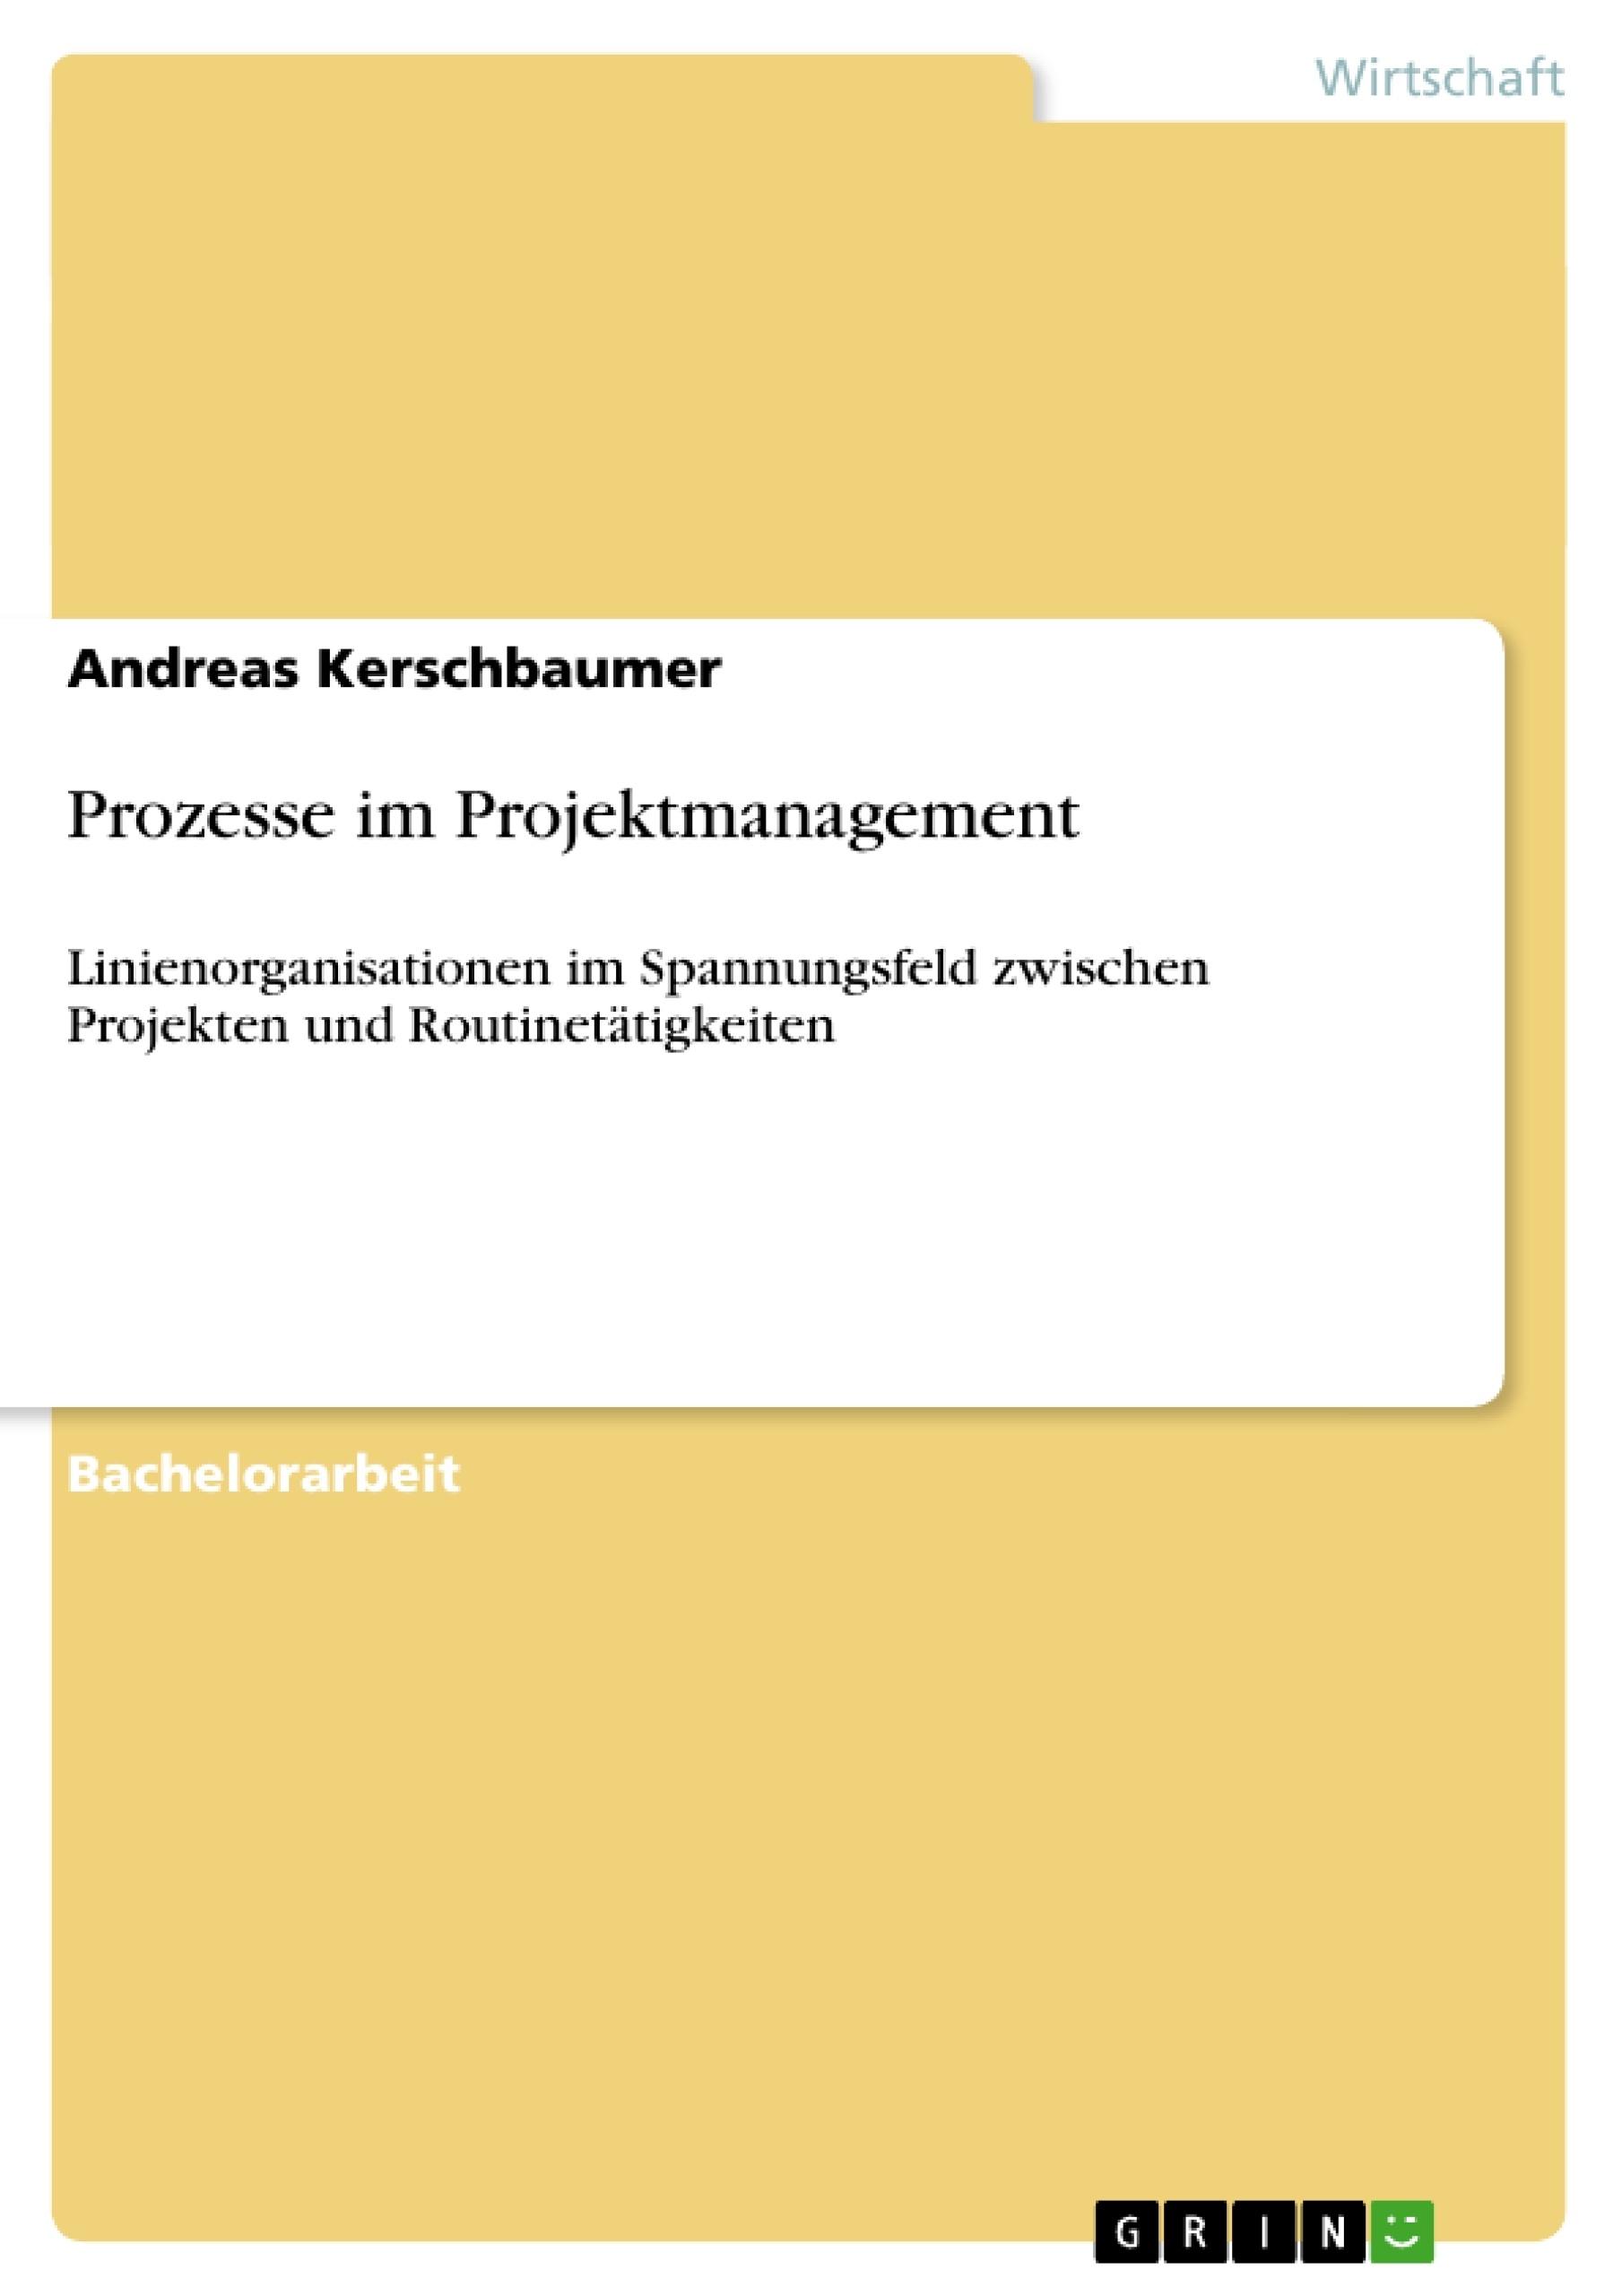 Titel: Prozesse im Projektmanagement